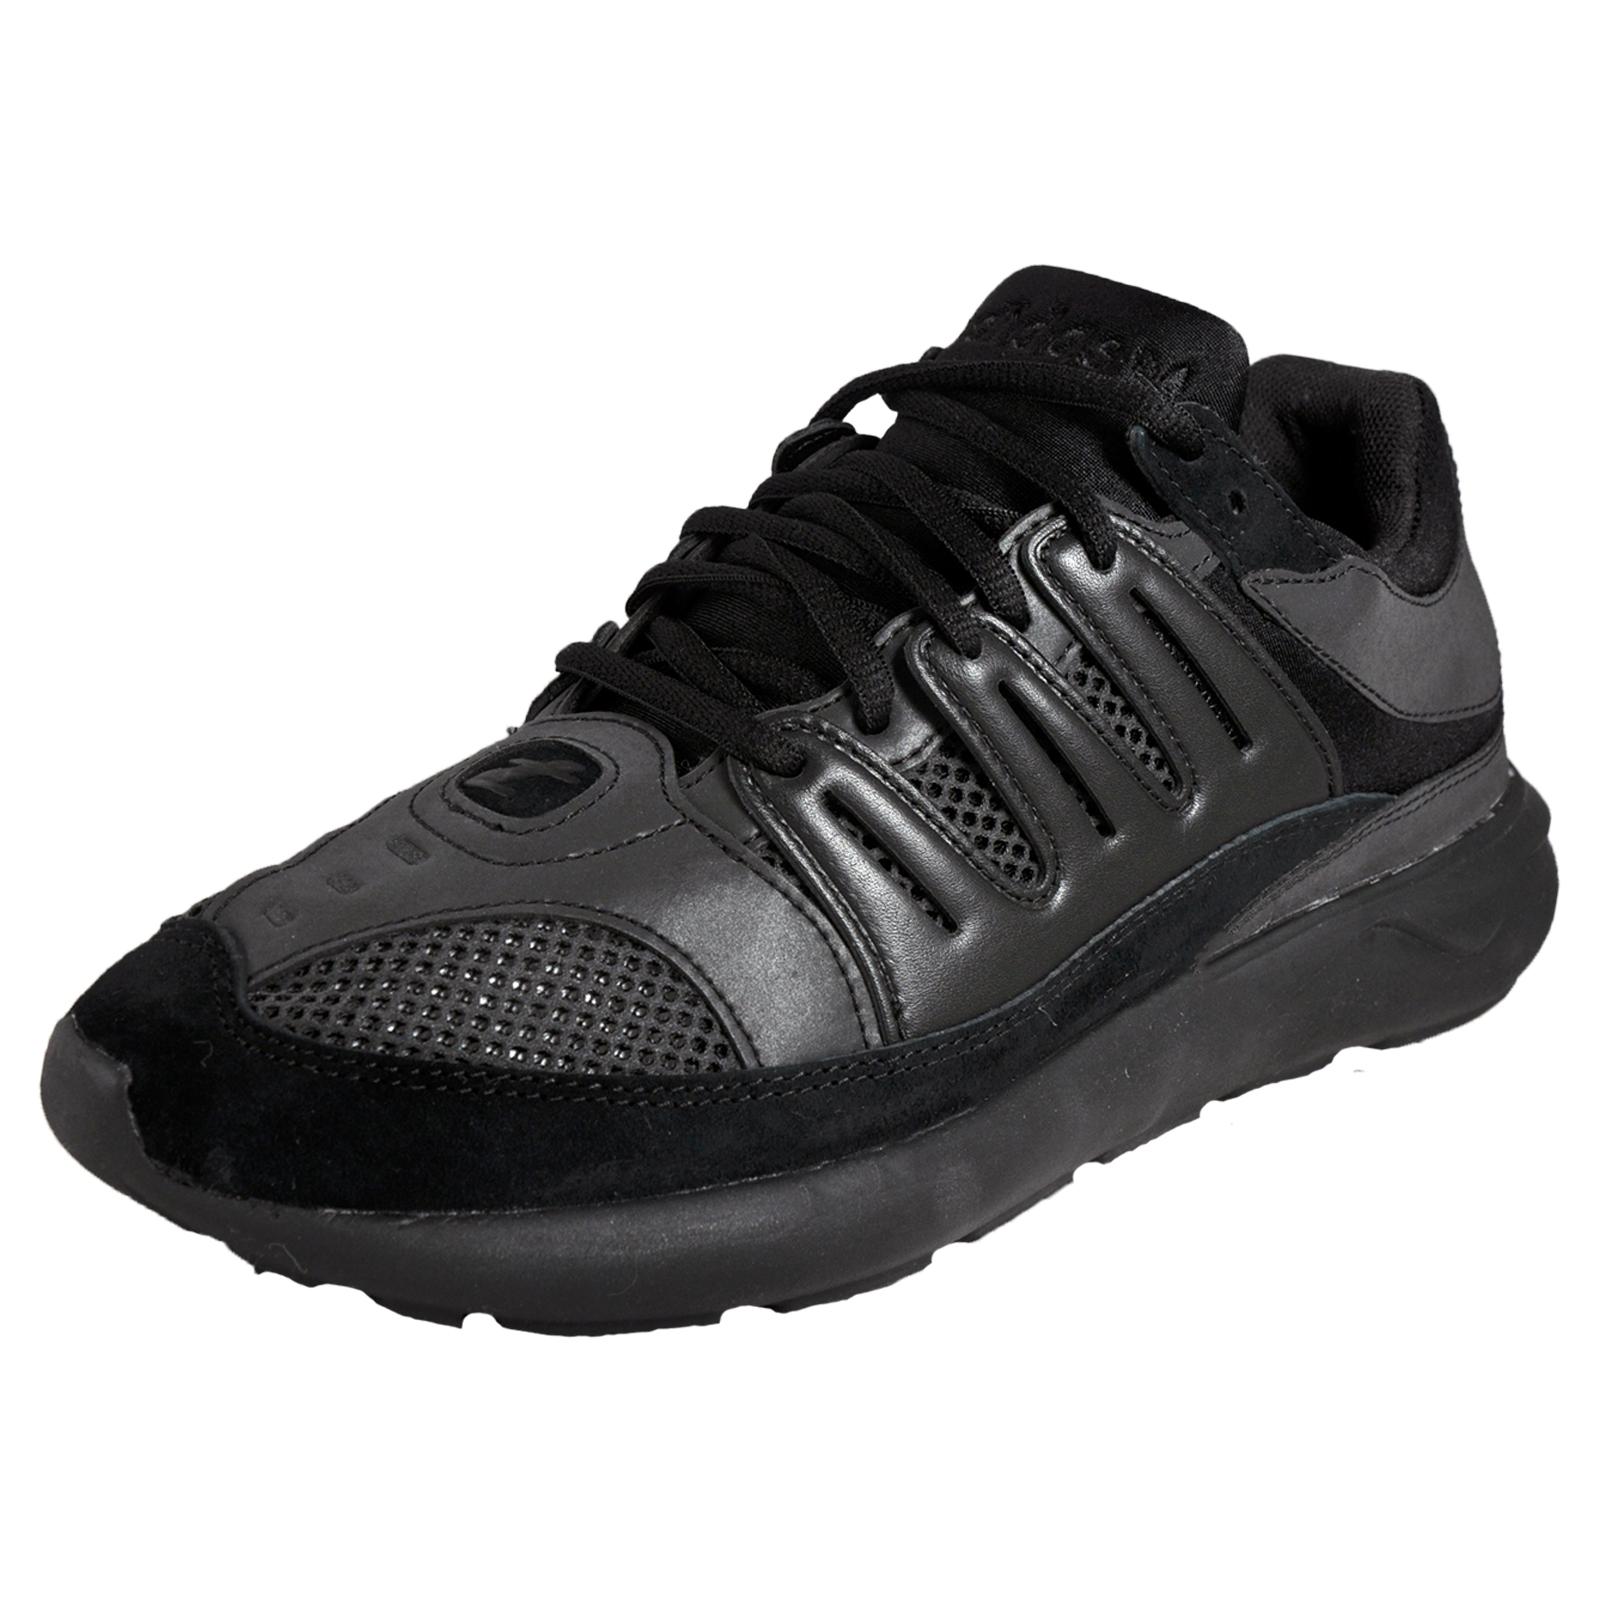 Details about Adidas Originals Tubular 93 Mens Classic Casual Retro Trainers  Black e0202ef2b